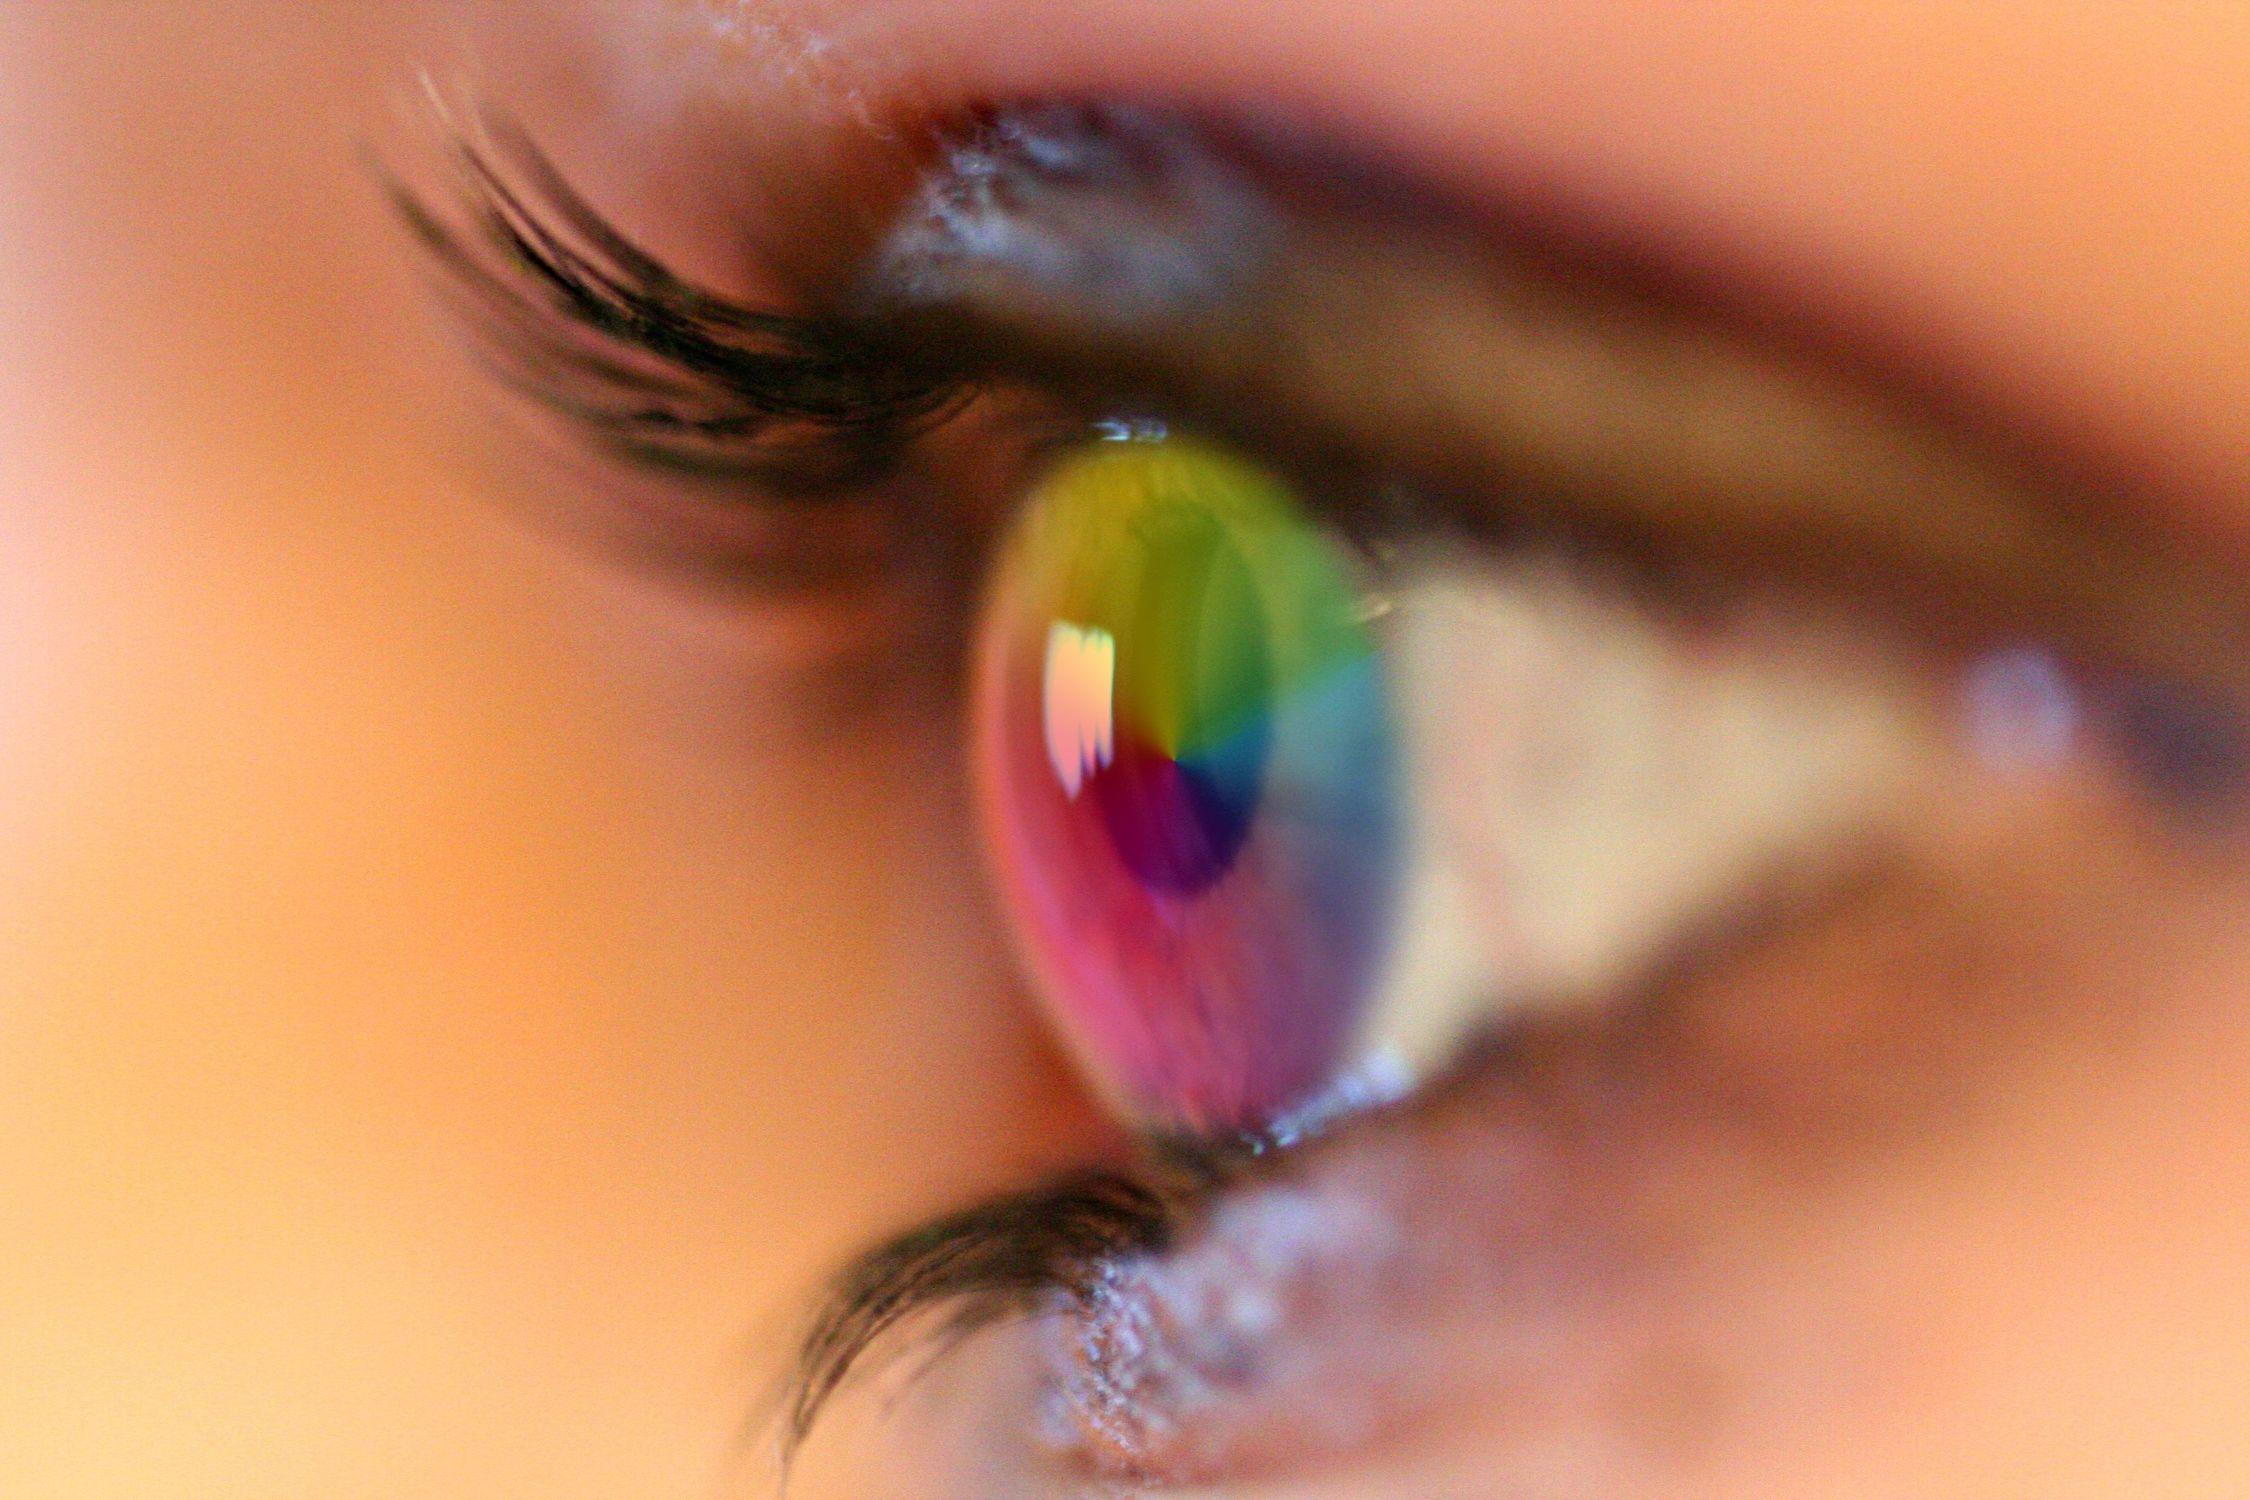 Bild mit Farben, Menschen, Körperteile, Köpfe, Augen, Haut, Blau, Augenbrauen, Gesichter, Wimpern, Kameras und Objektive